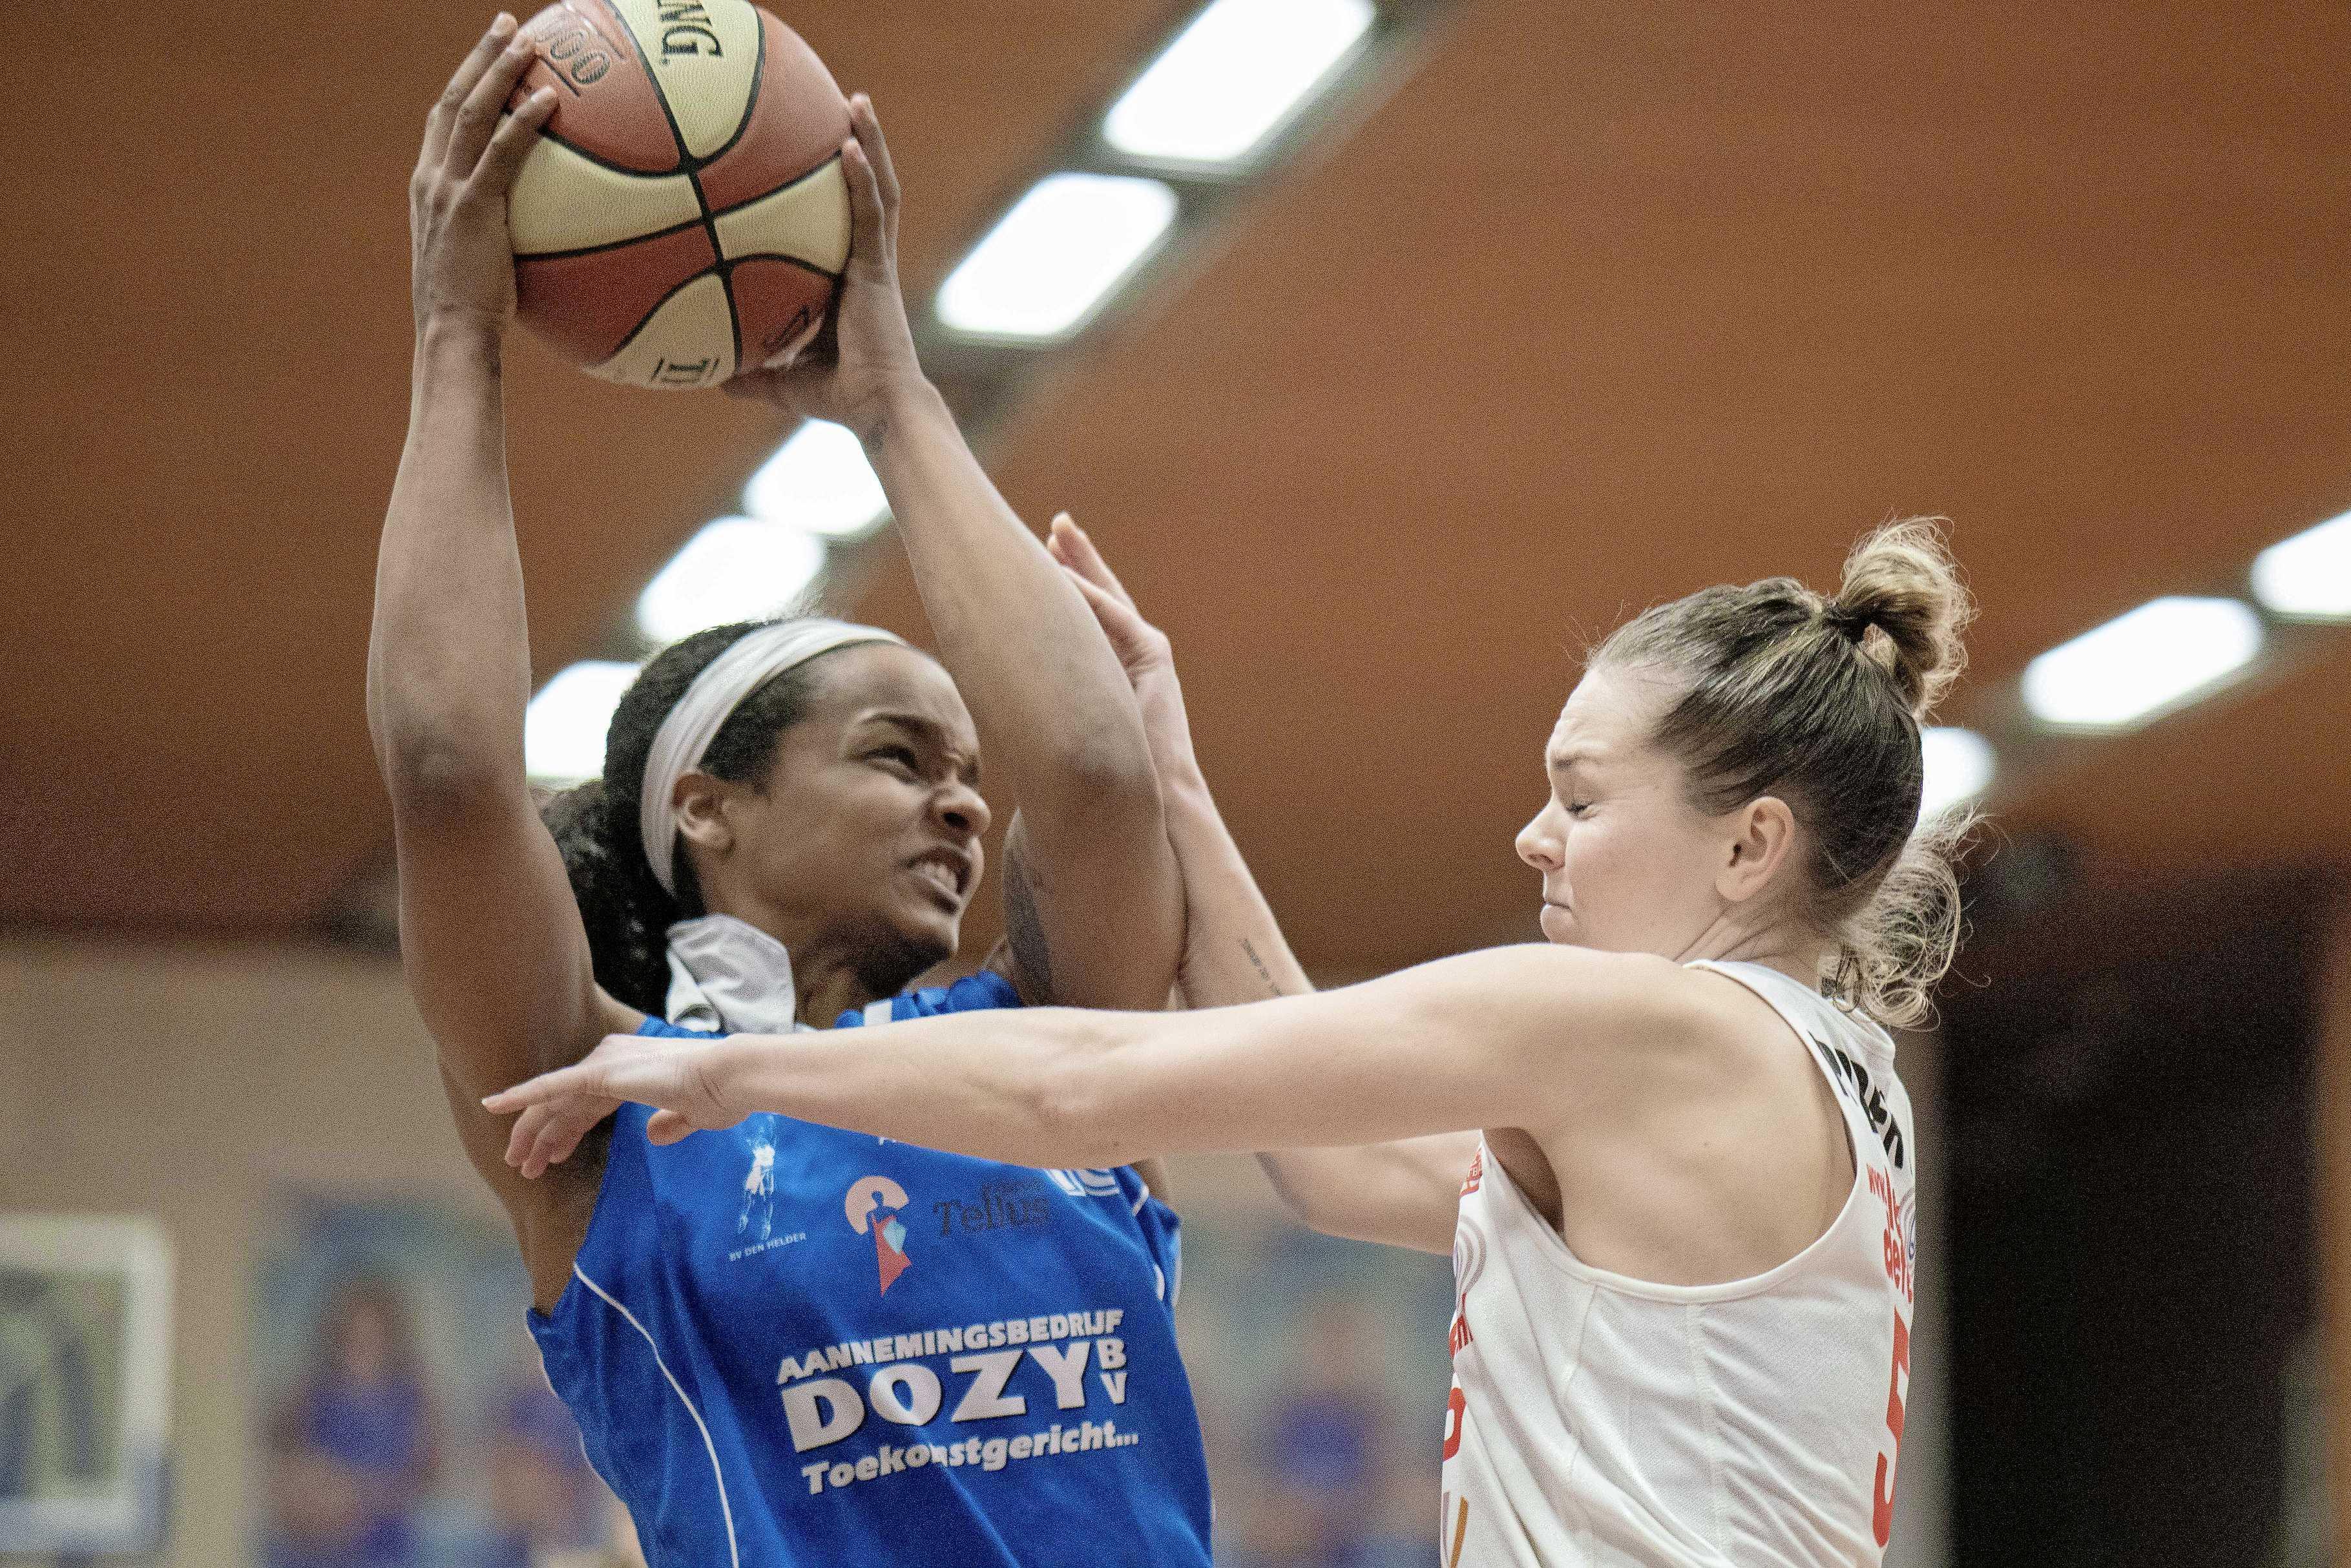 Basketbalduo van Den Helder kan met Oranje geschiedenis schrijven. Suns vervroegd tegen Leiden vanwege verwachte winterweer